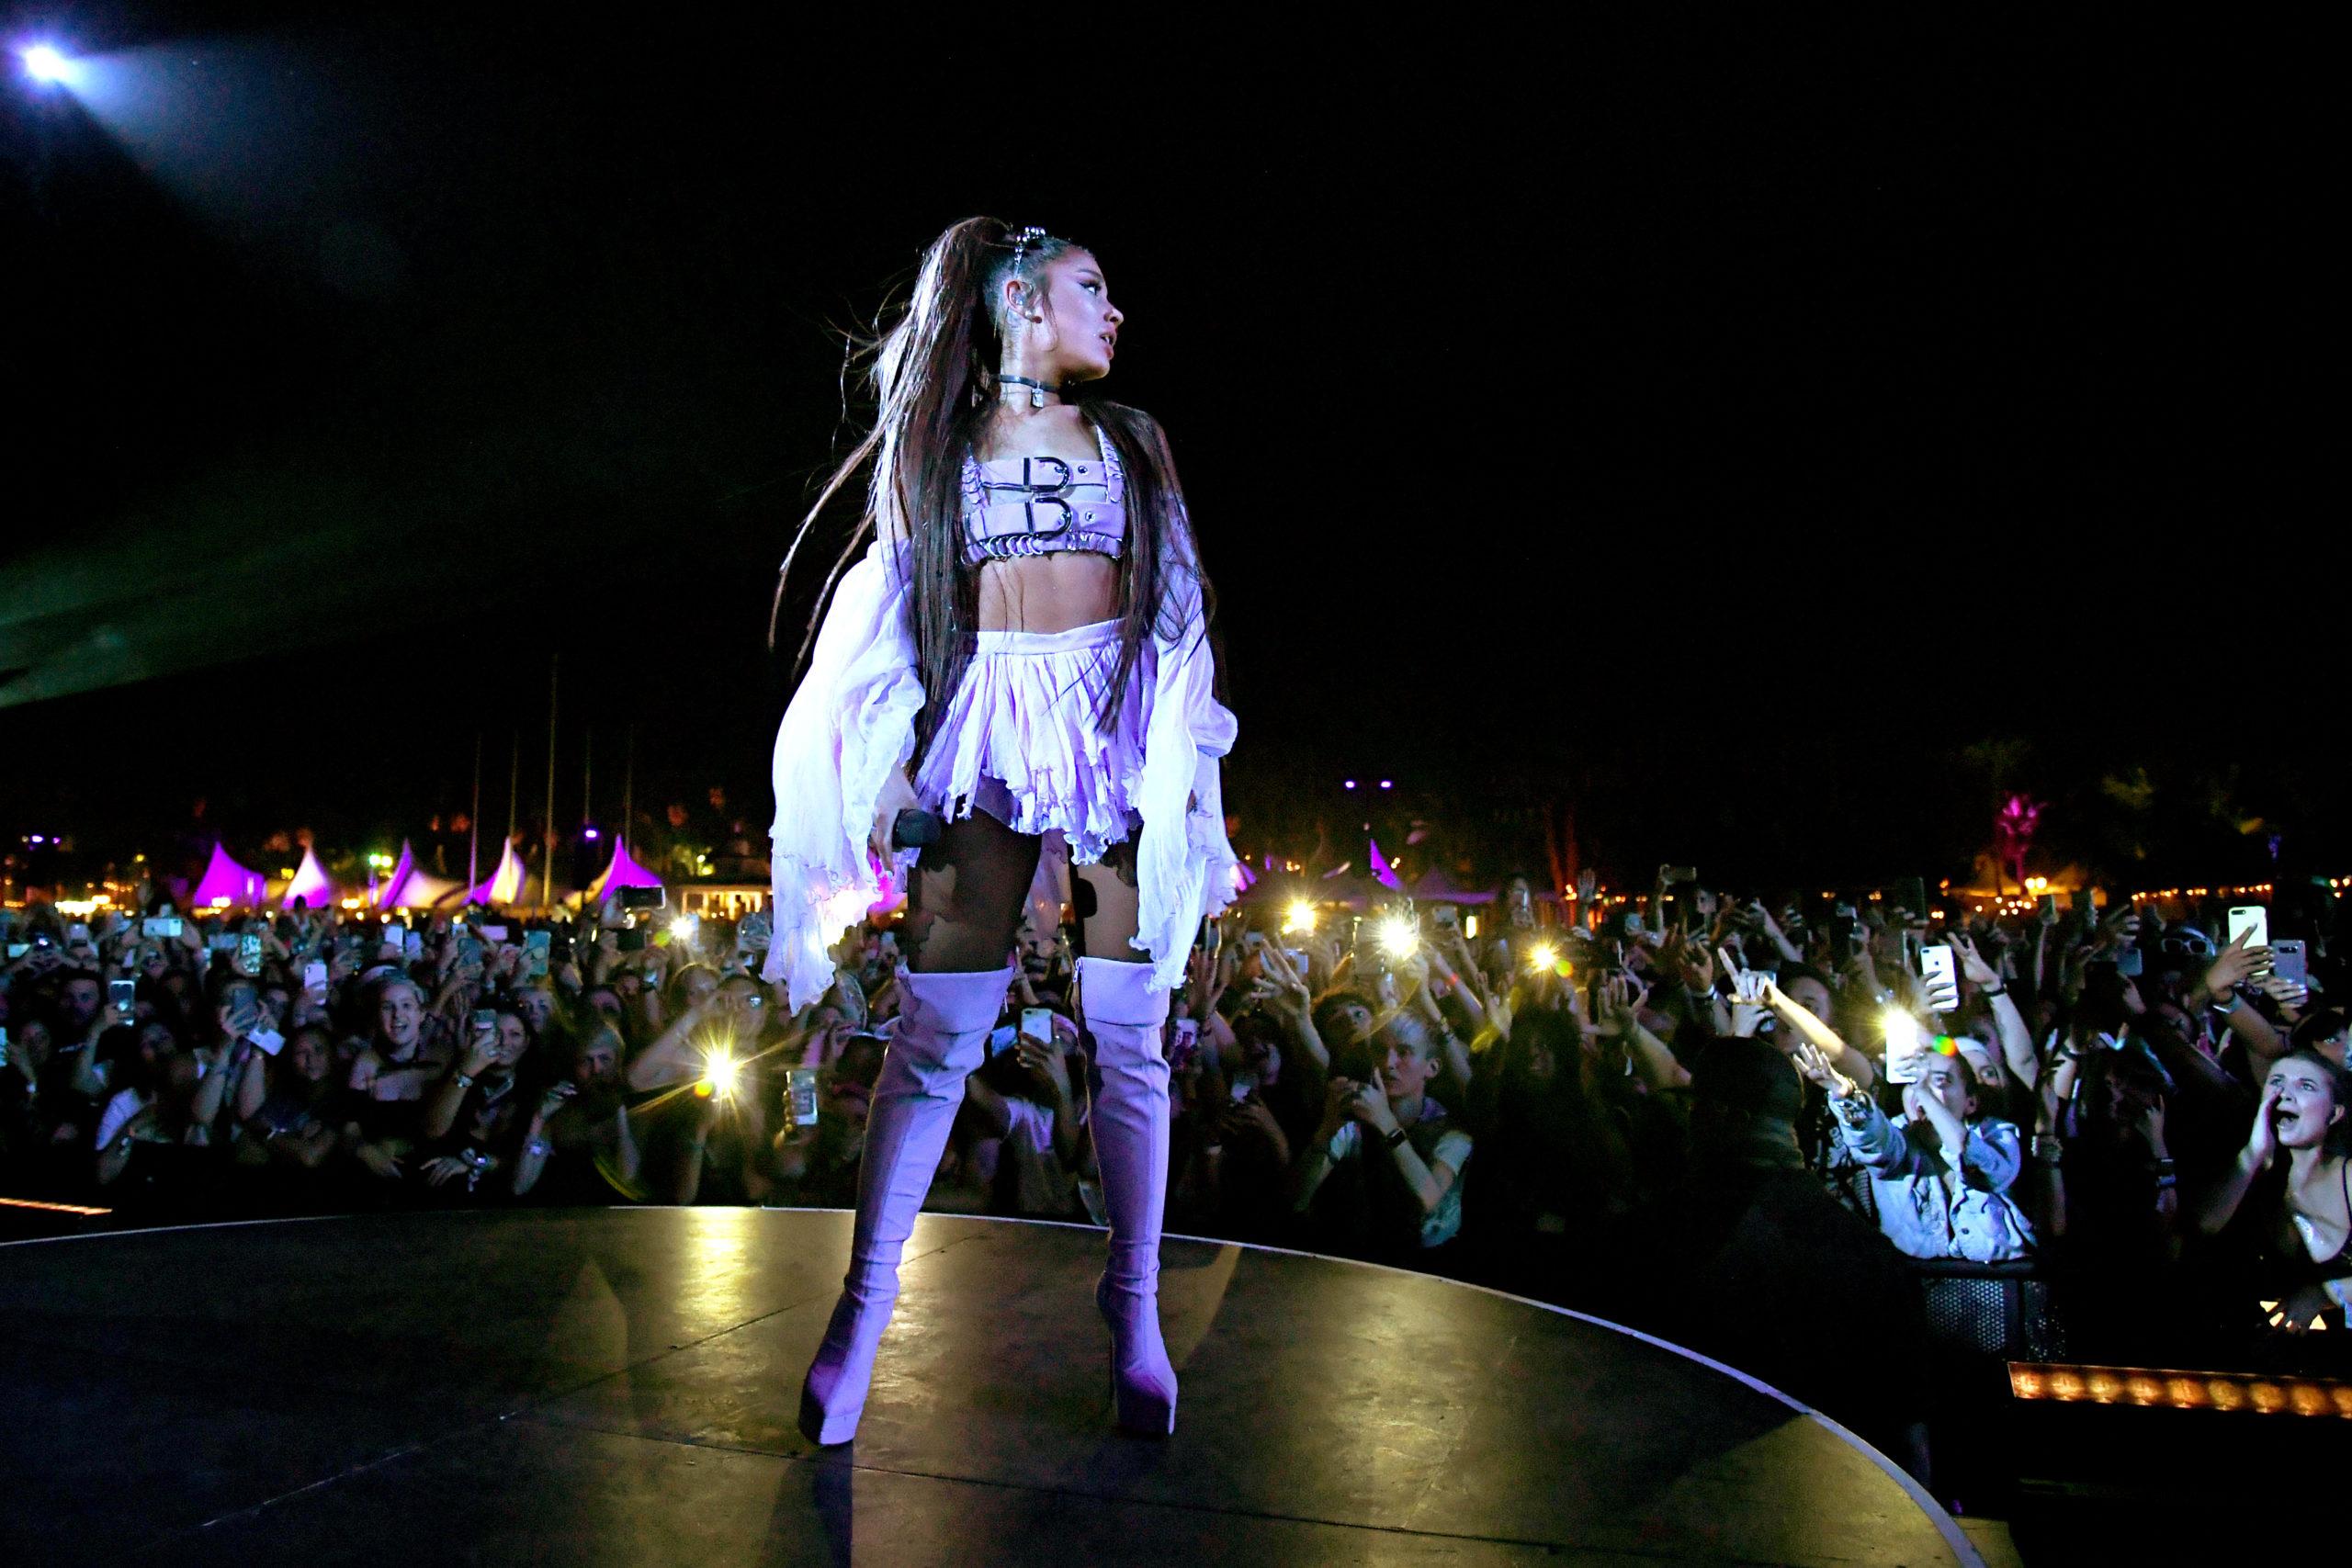 Le star al Coachella 2019